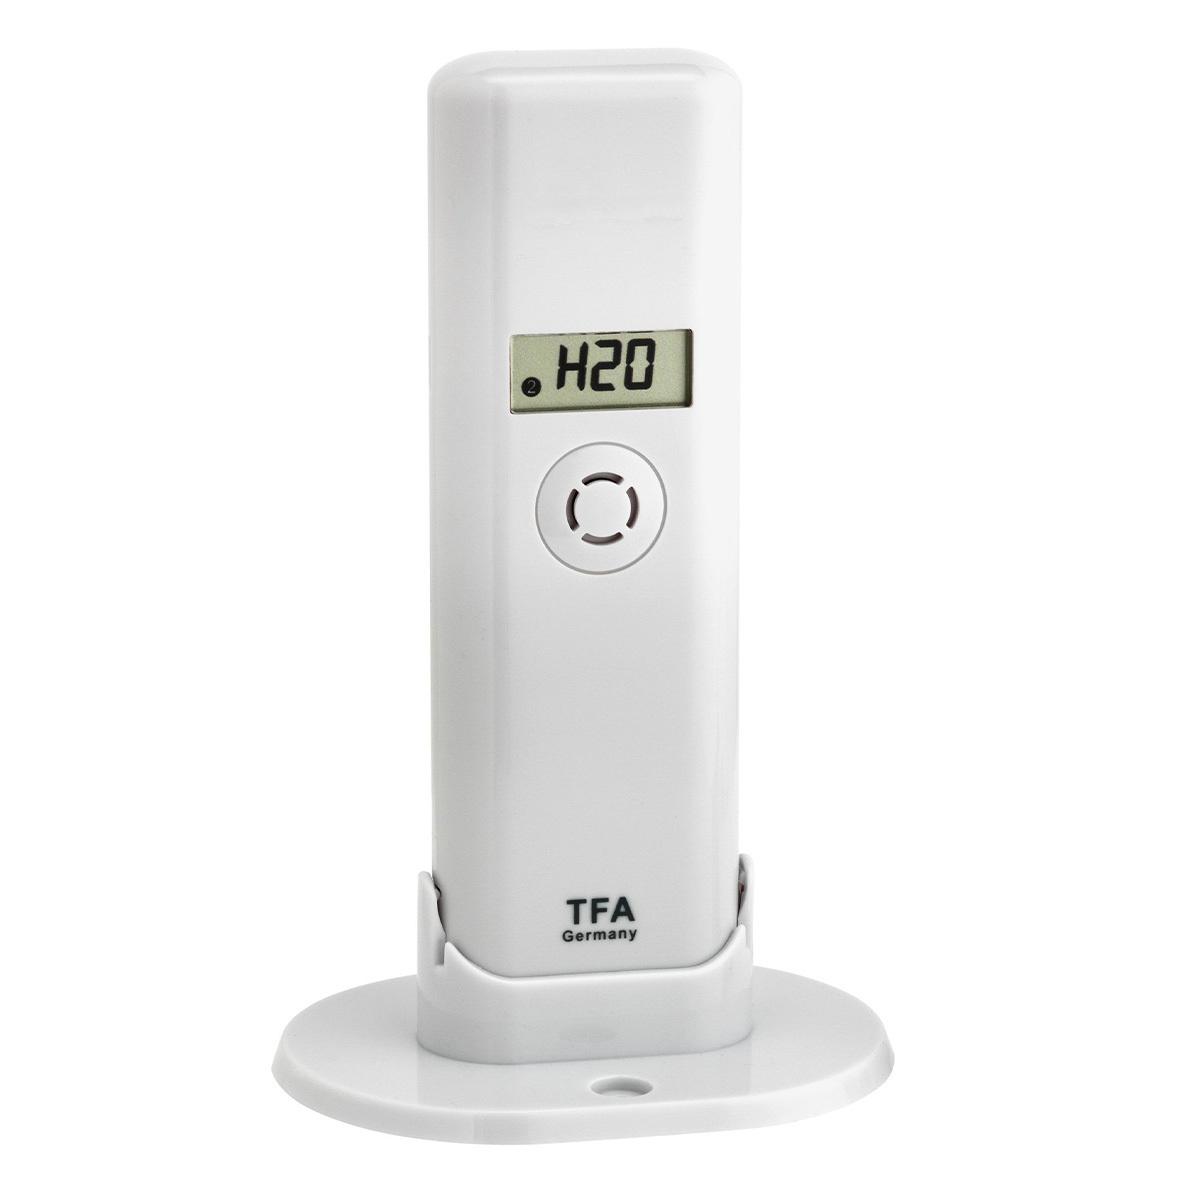 30-3305-02-thermo-hygro-sender-mit-wassermelder-weatherhub-ansicht-1200x1200px.jpg